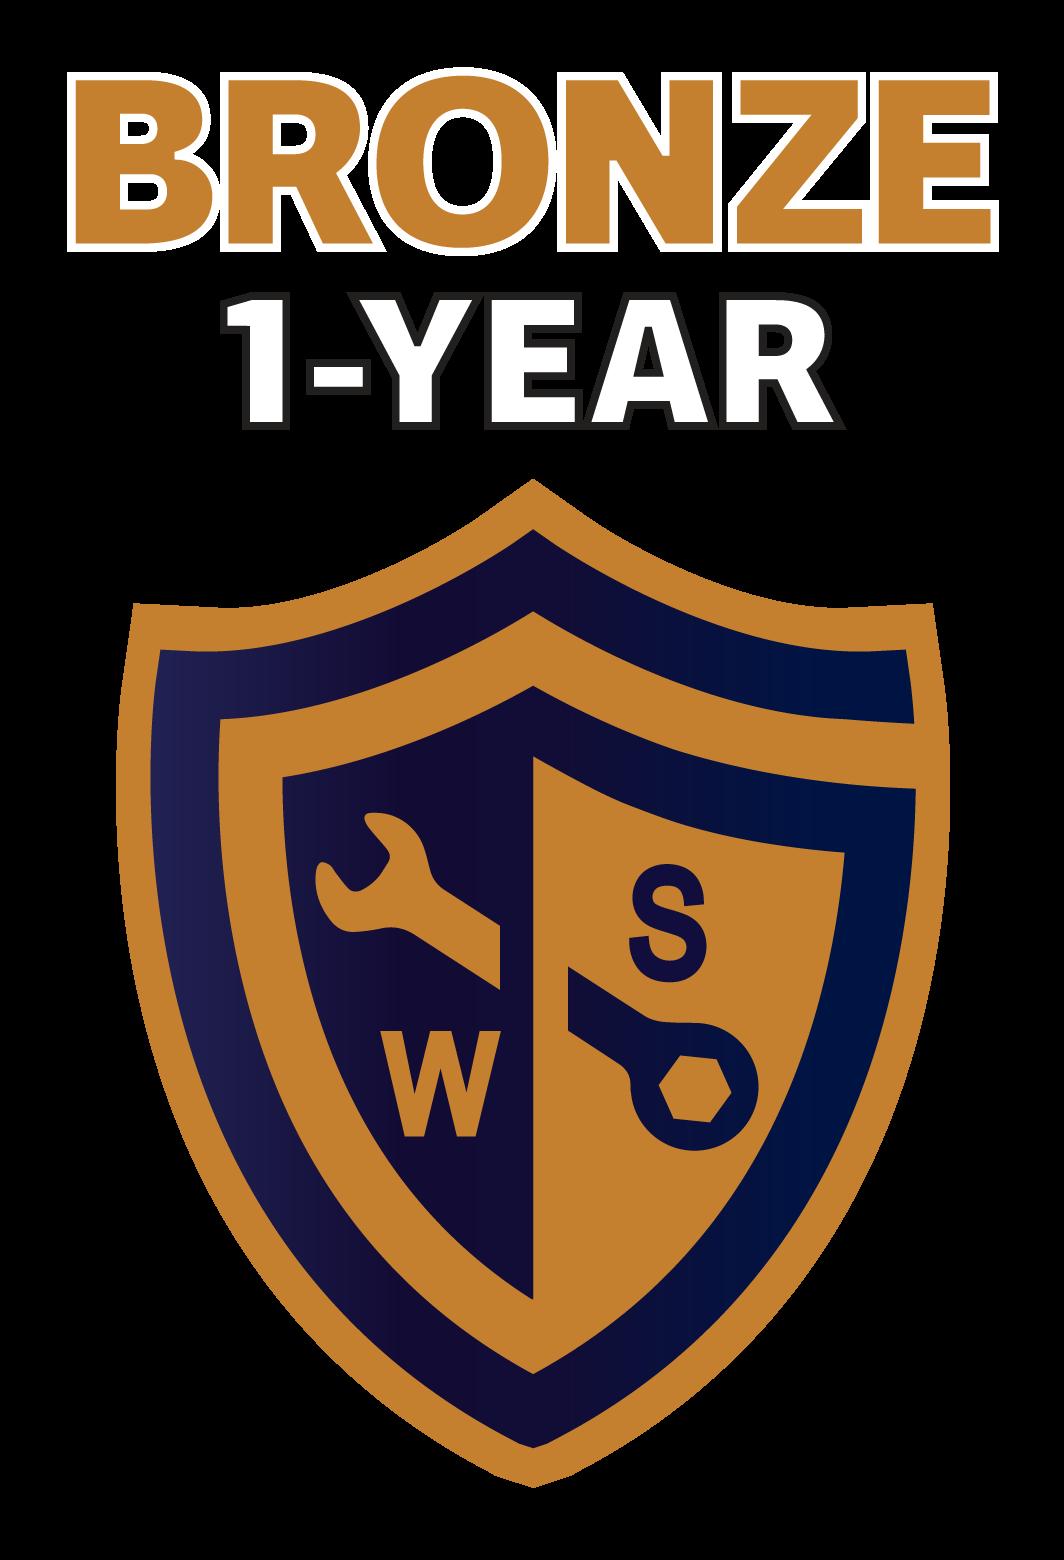 bronze - 1 year